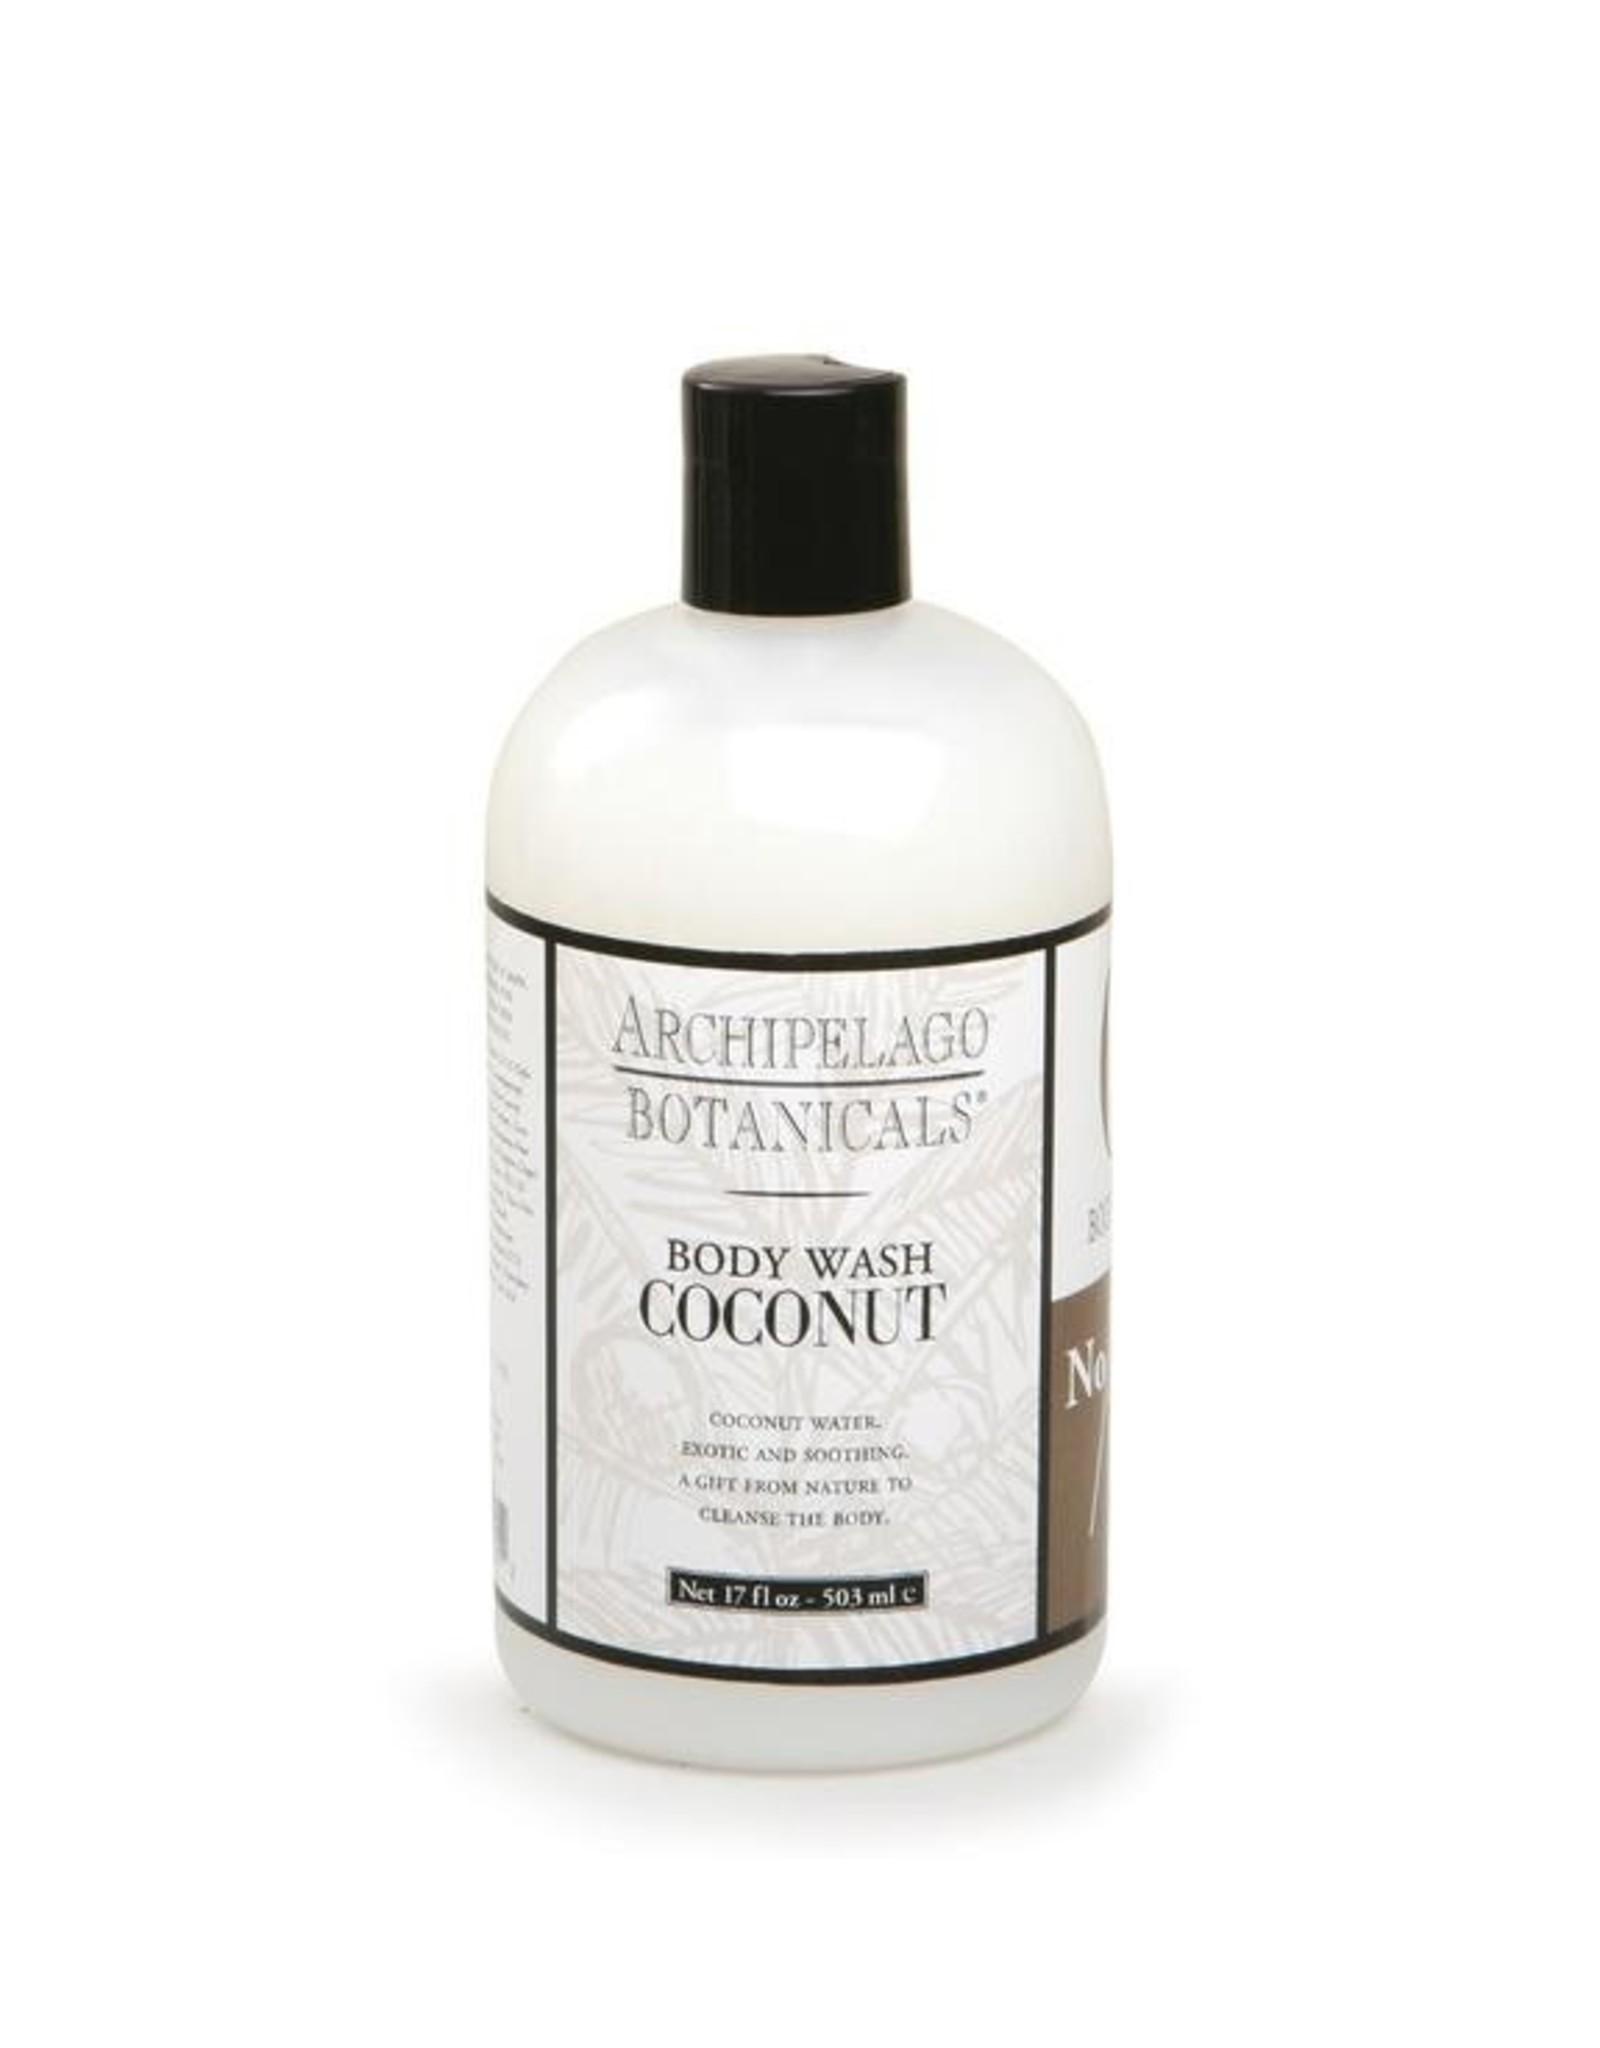 Archipelago 17oz Coconut Body Wash